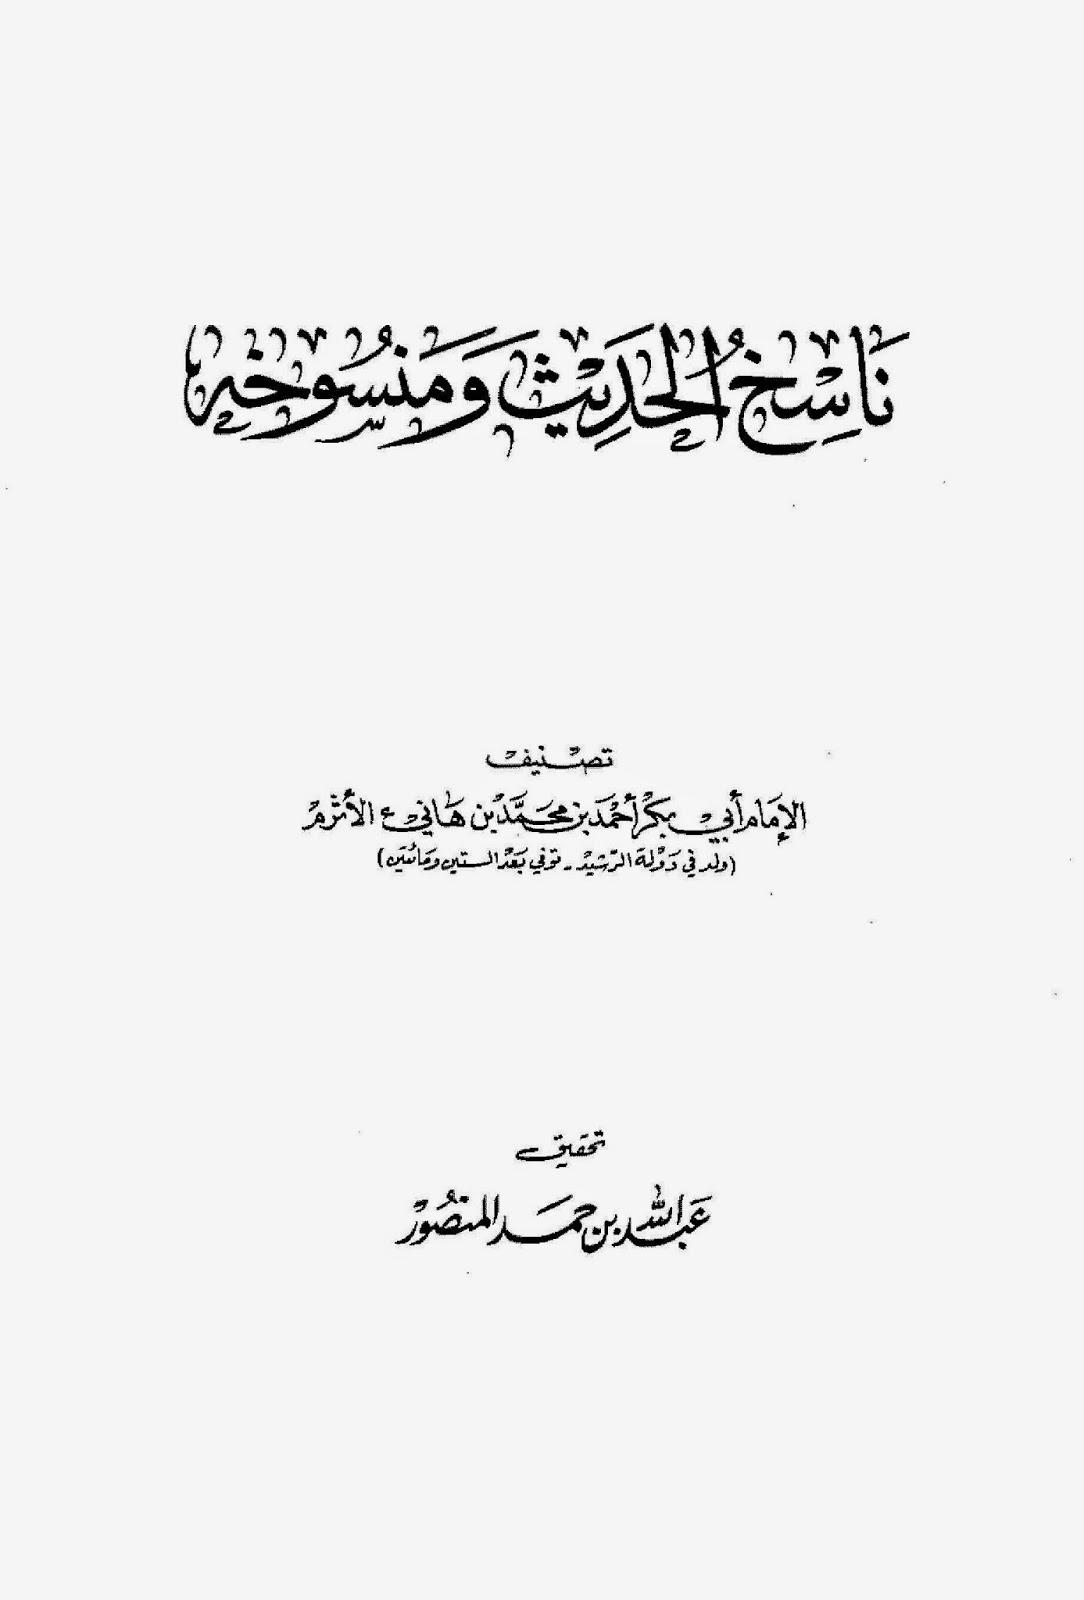 ناسخ الحديث ومنسوخه - أحمد الأثرم pdf